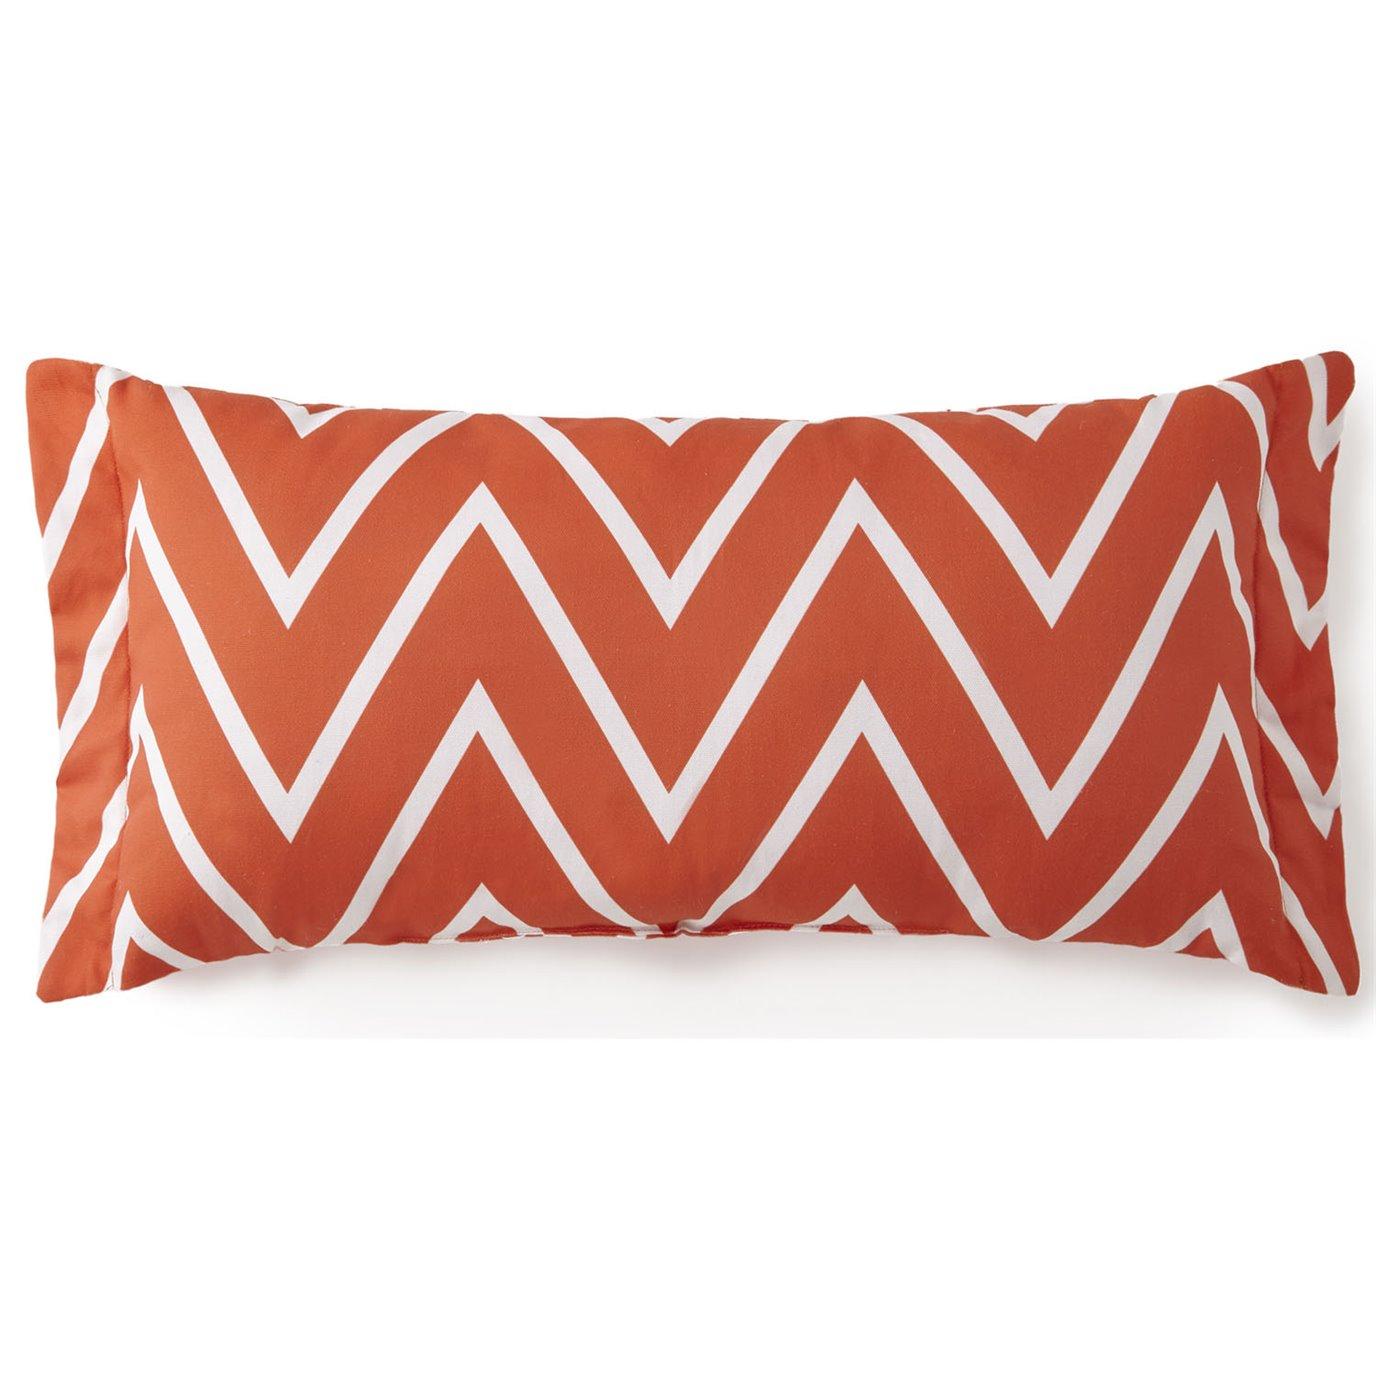 Flamingo Palms Long Rectangle Cushion - Orange Zigzag